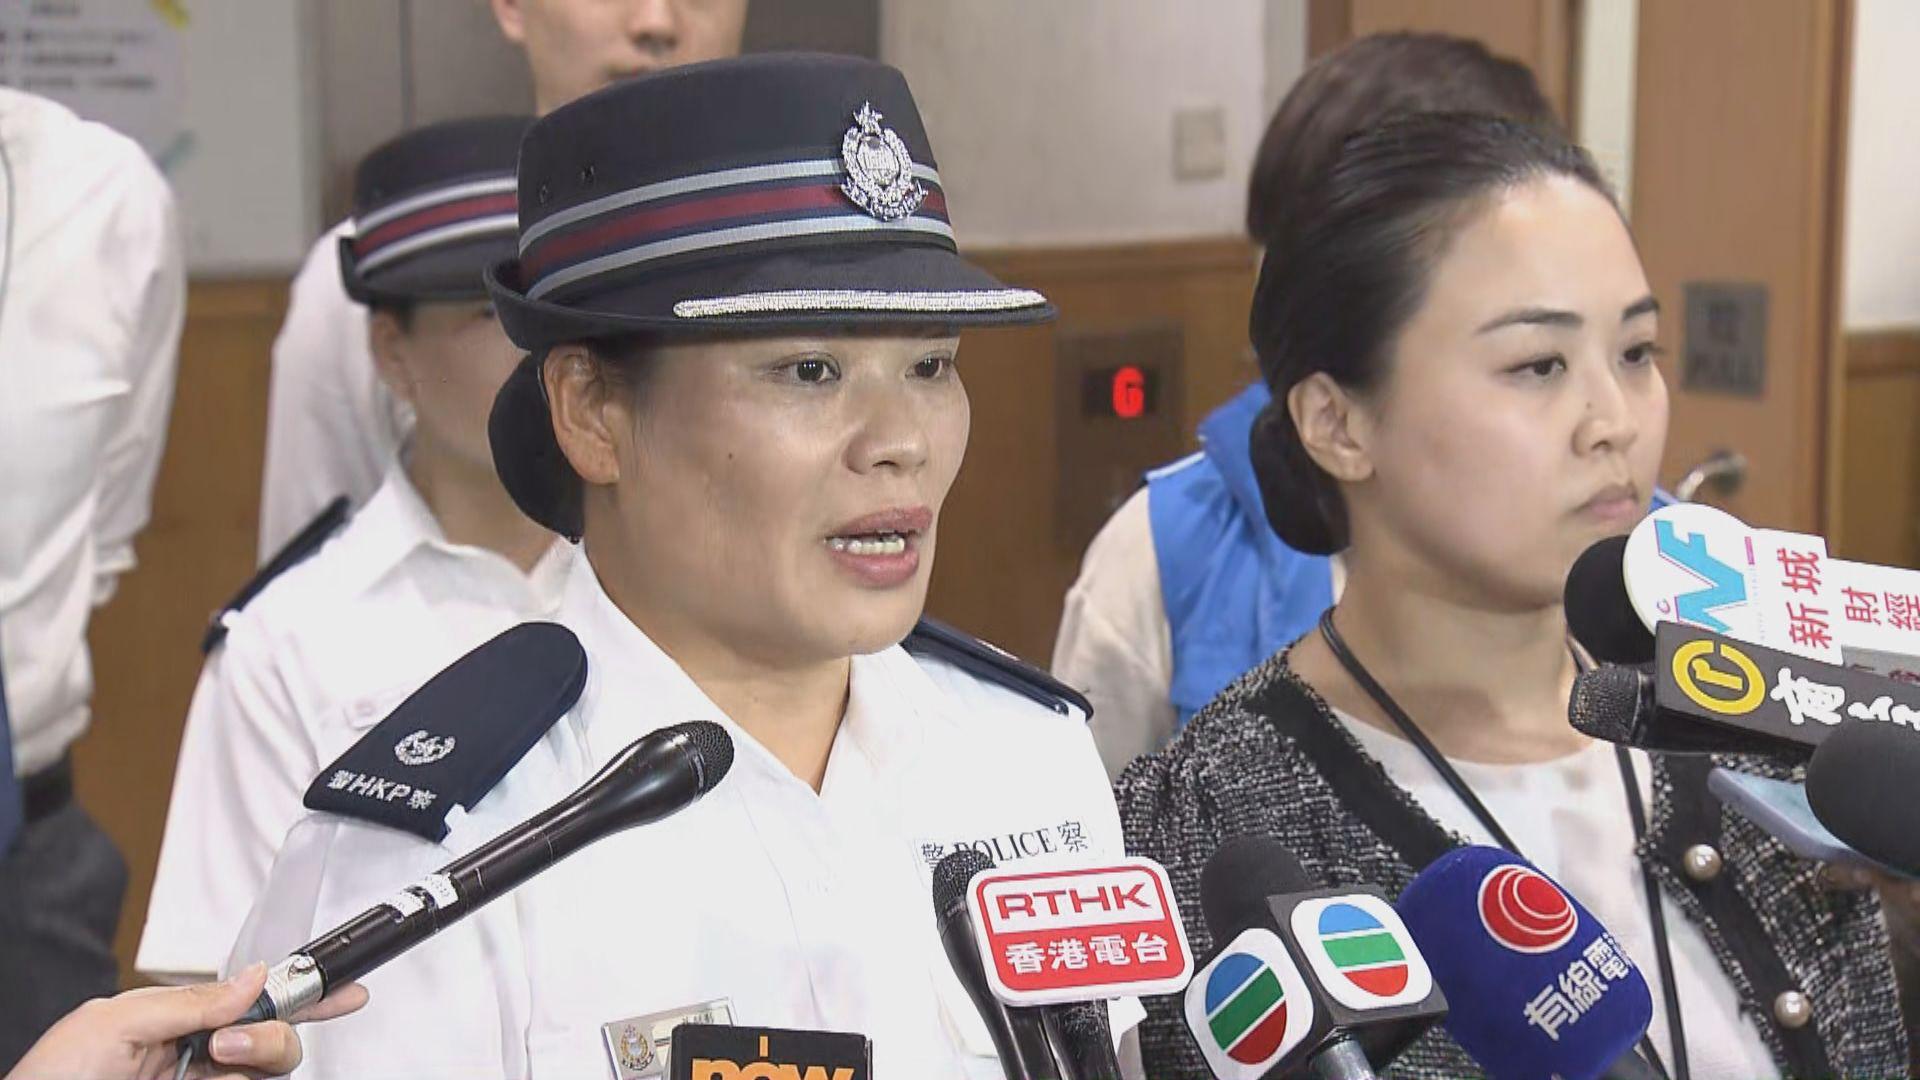 警方:不肯定有否足夠能力保護元朗遊行市民